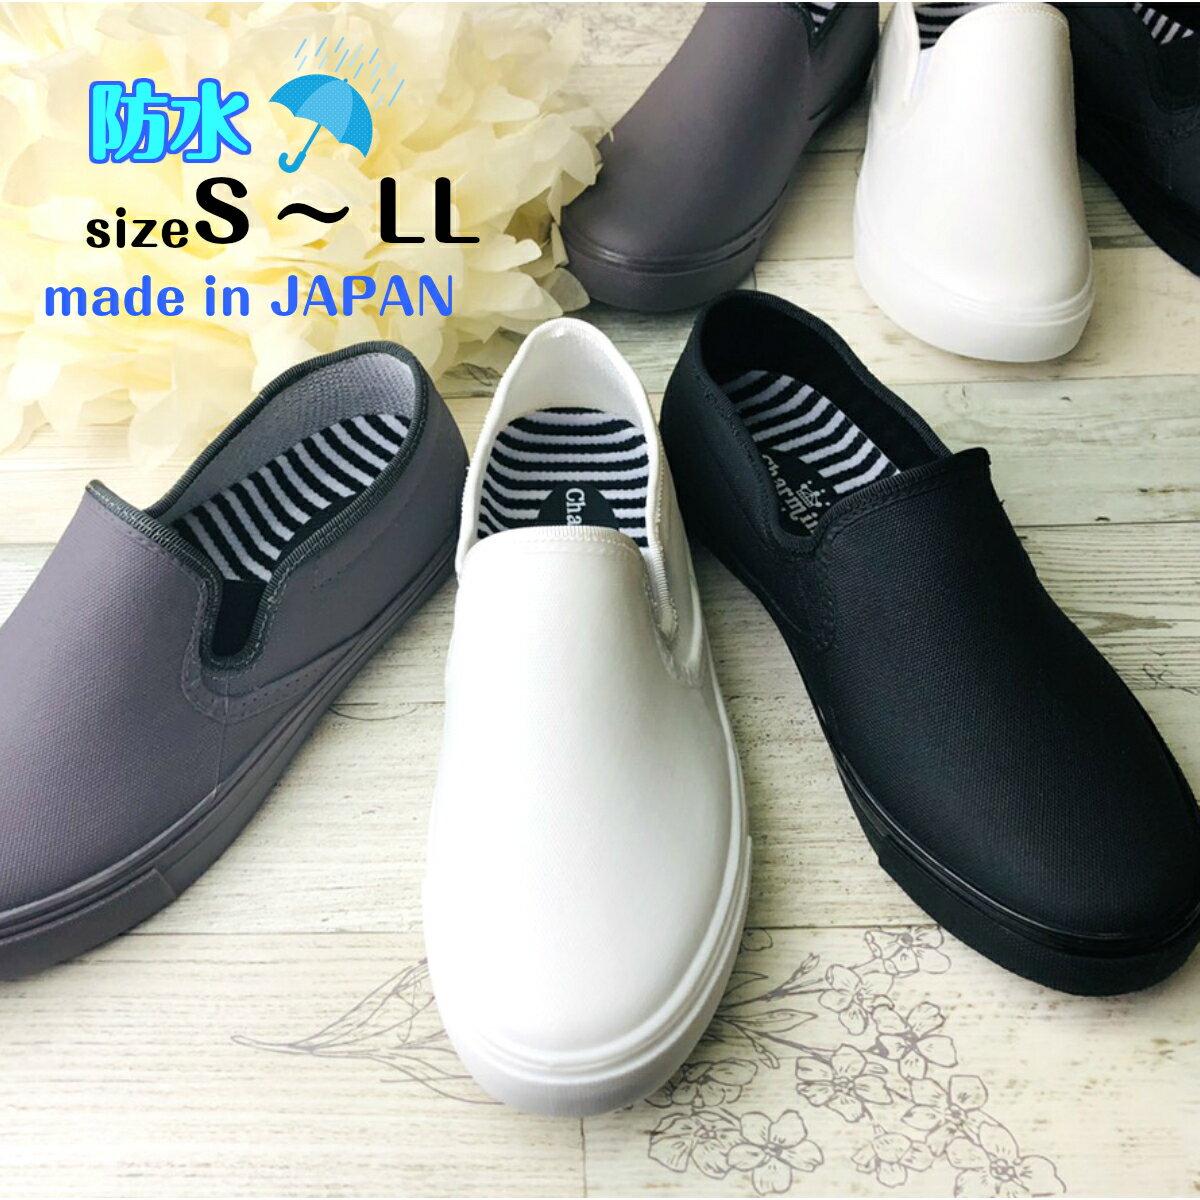 【送料無料】レインシューズ 完全防水 日本製 レインシューズ 雨靴 スリッポン